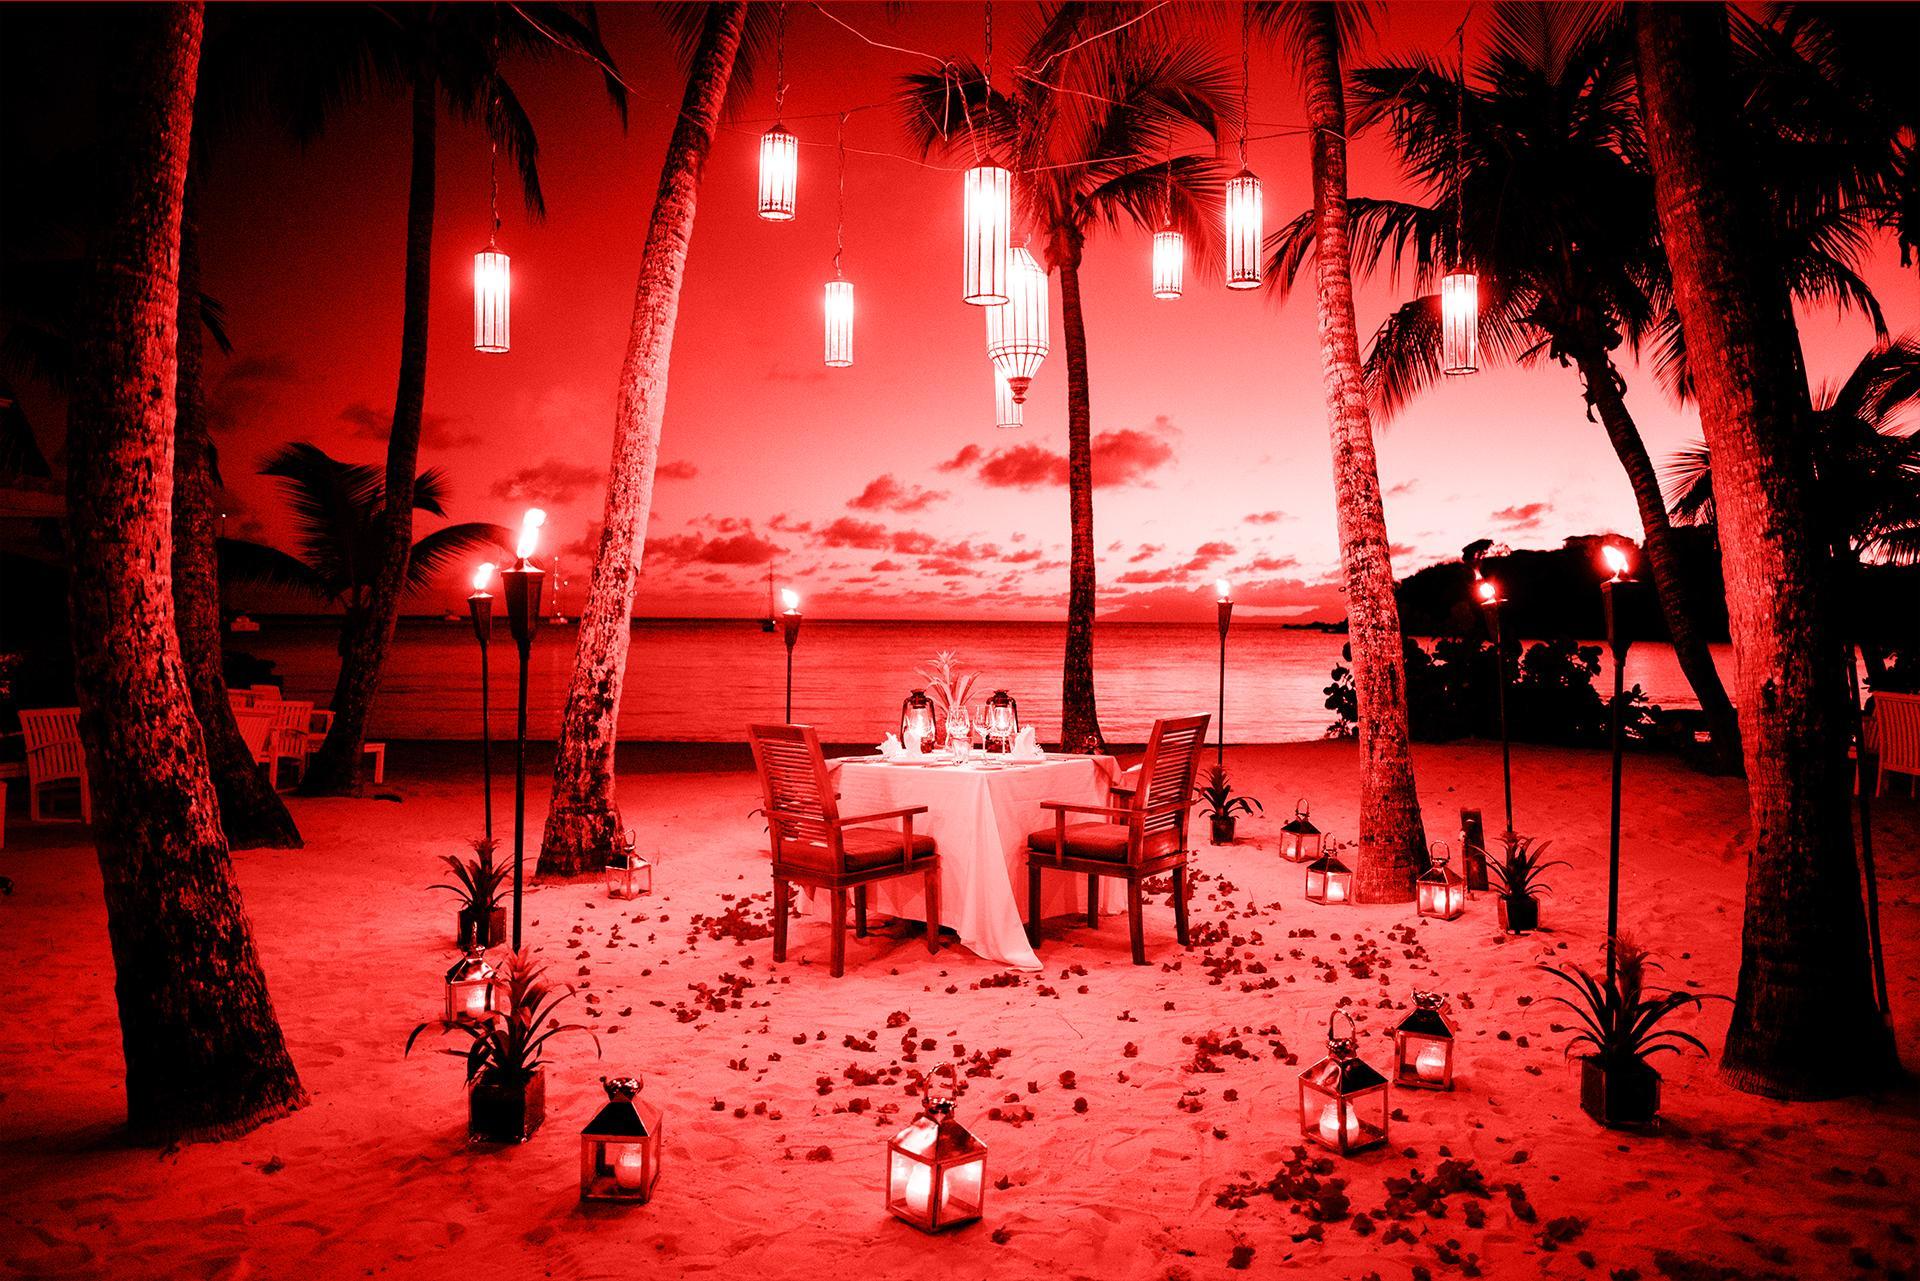 Callboy-Arrangement zum romantischen Abendessen zu zweit direkt am Strand